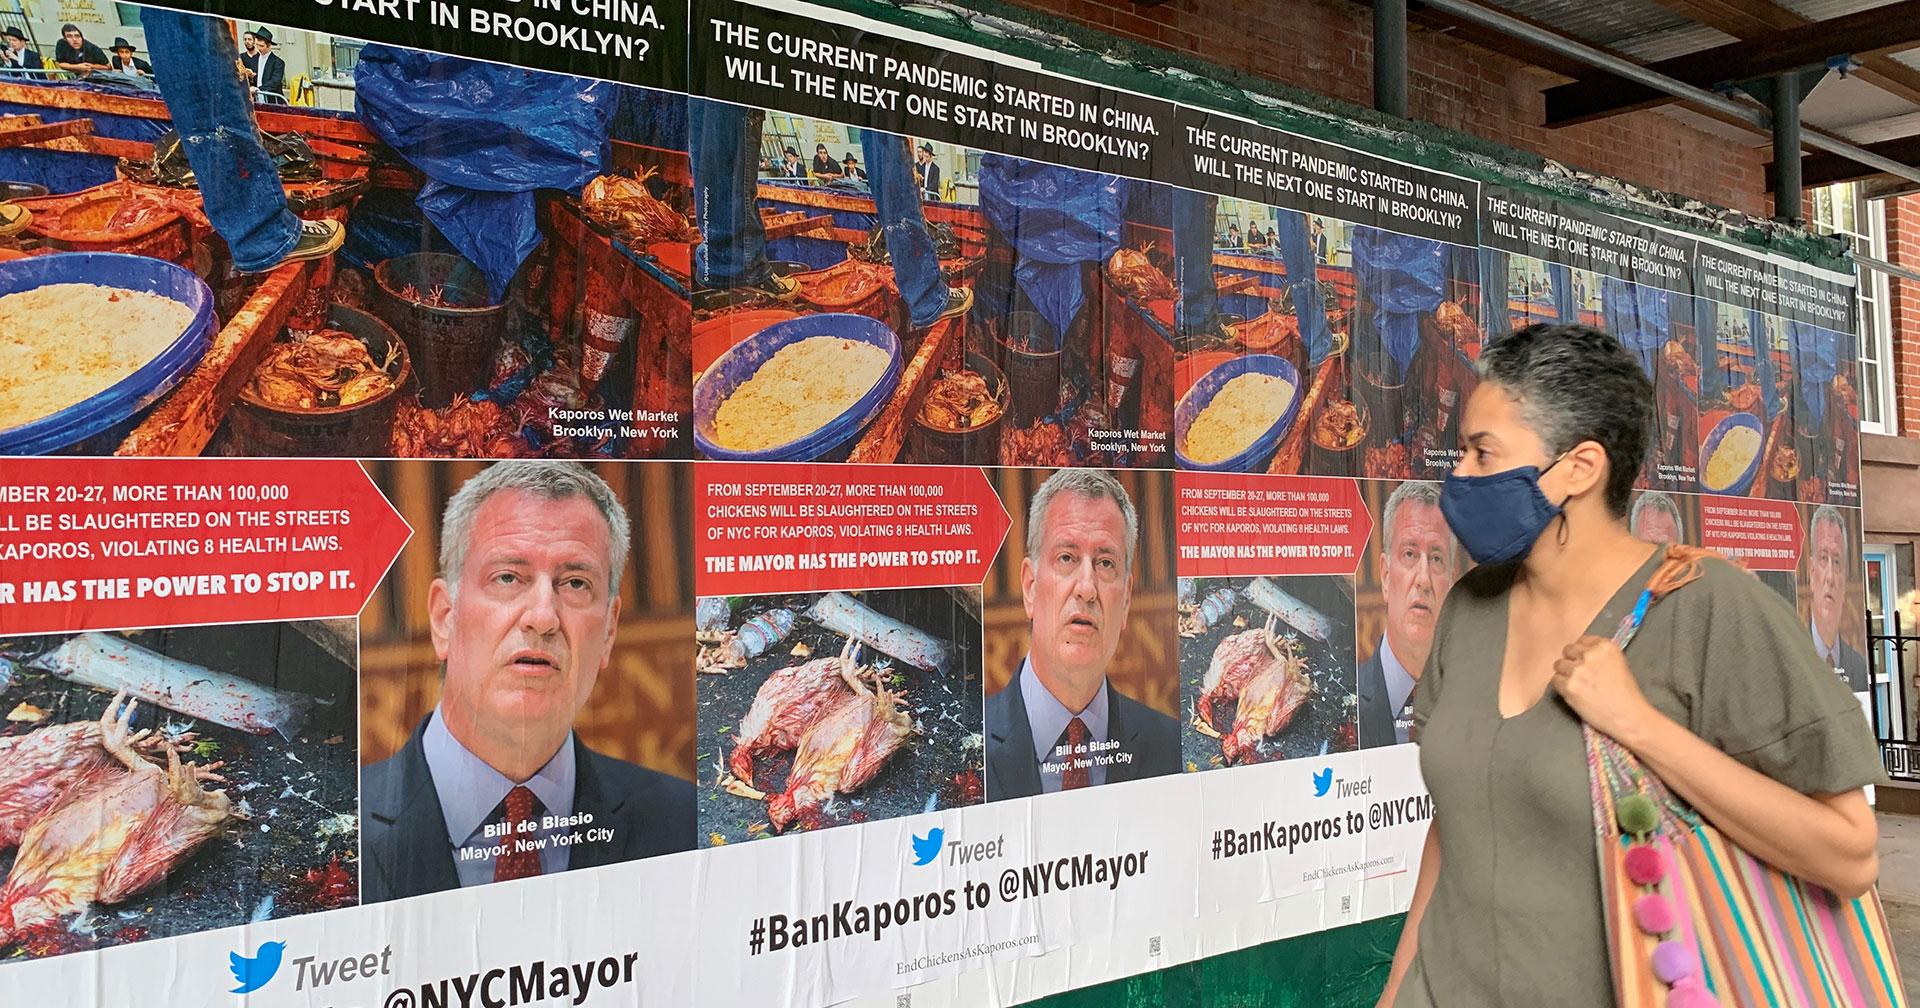 Ban Kaporos posters along walkway